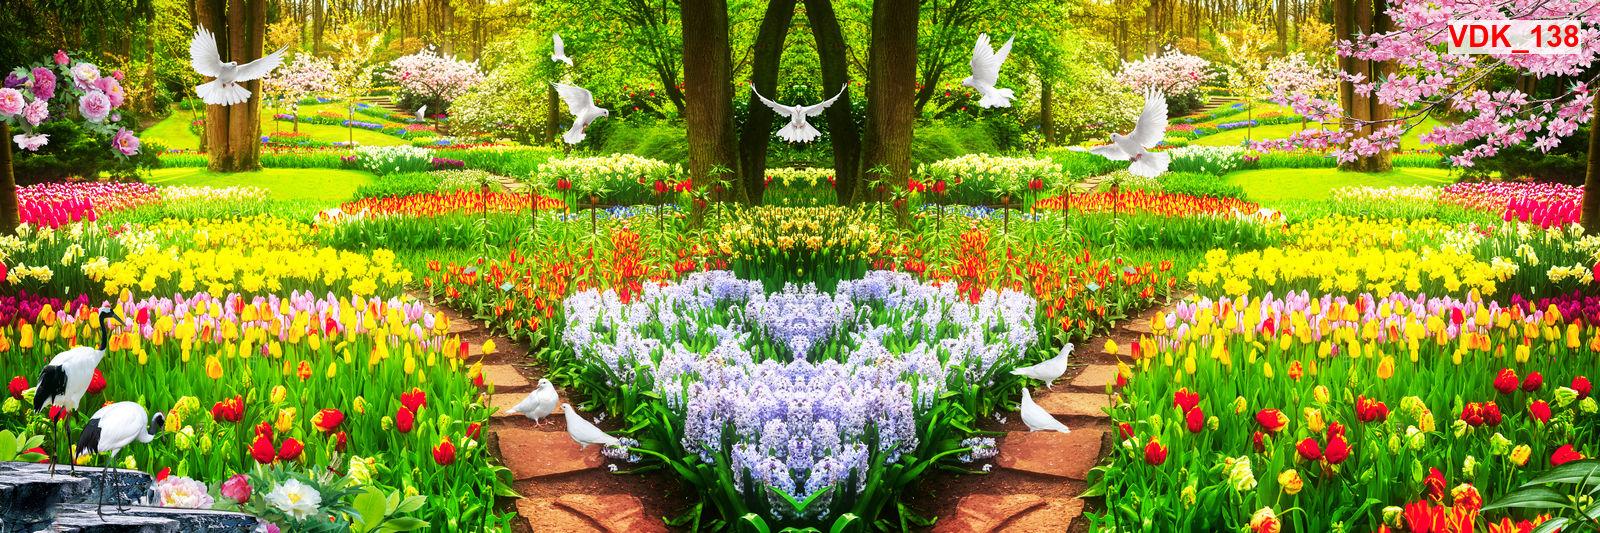 Tranh dán tường 3d phong cảnh vườn hoa